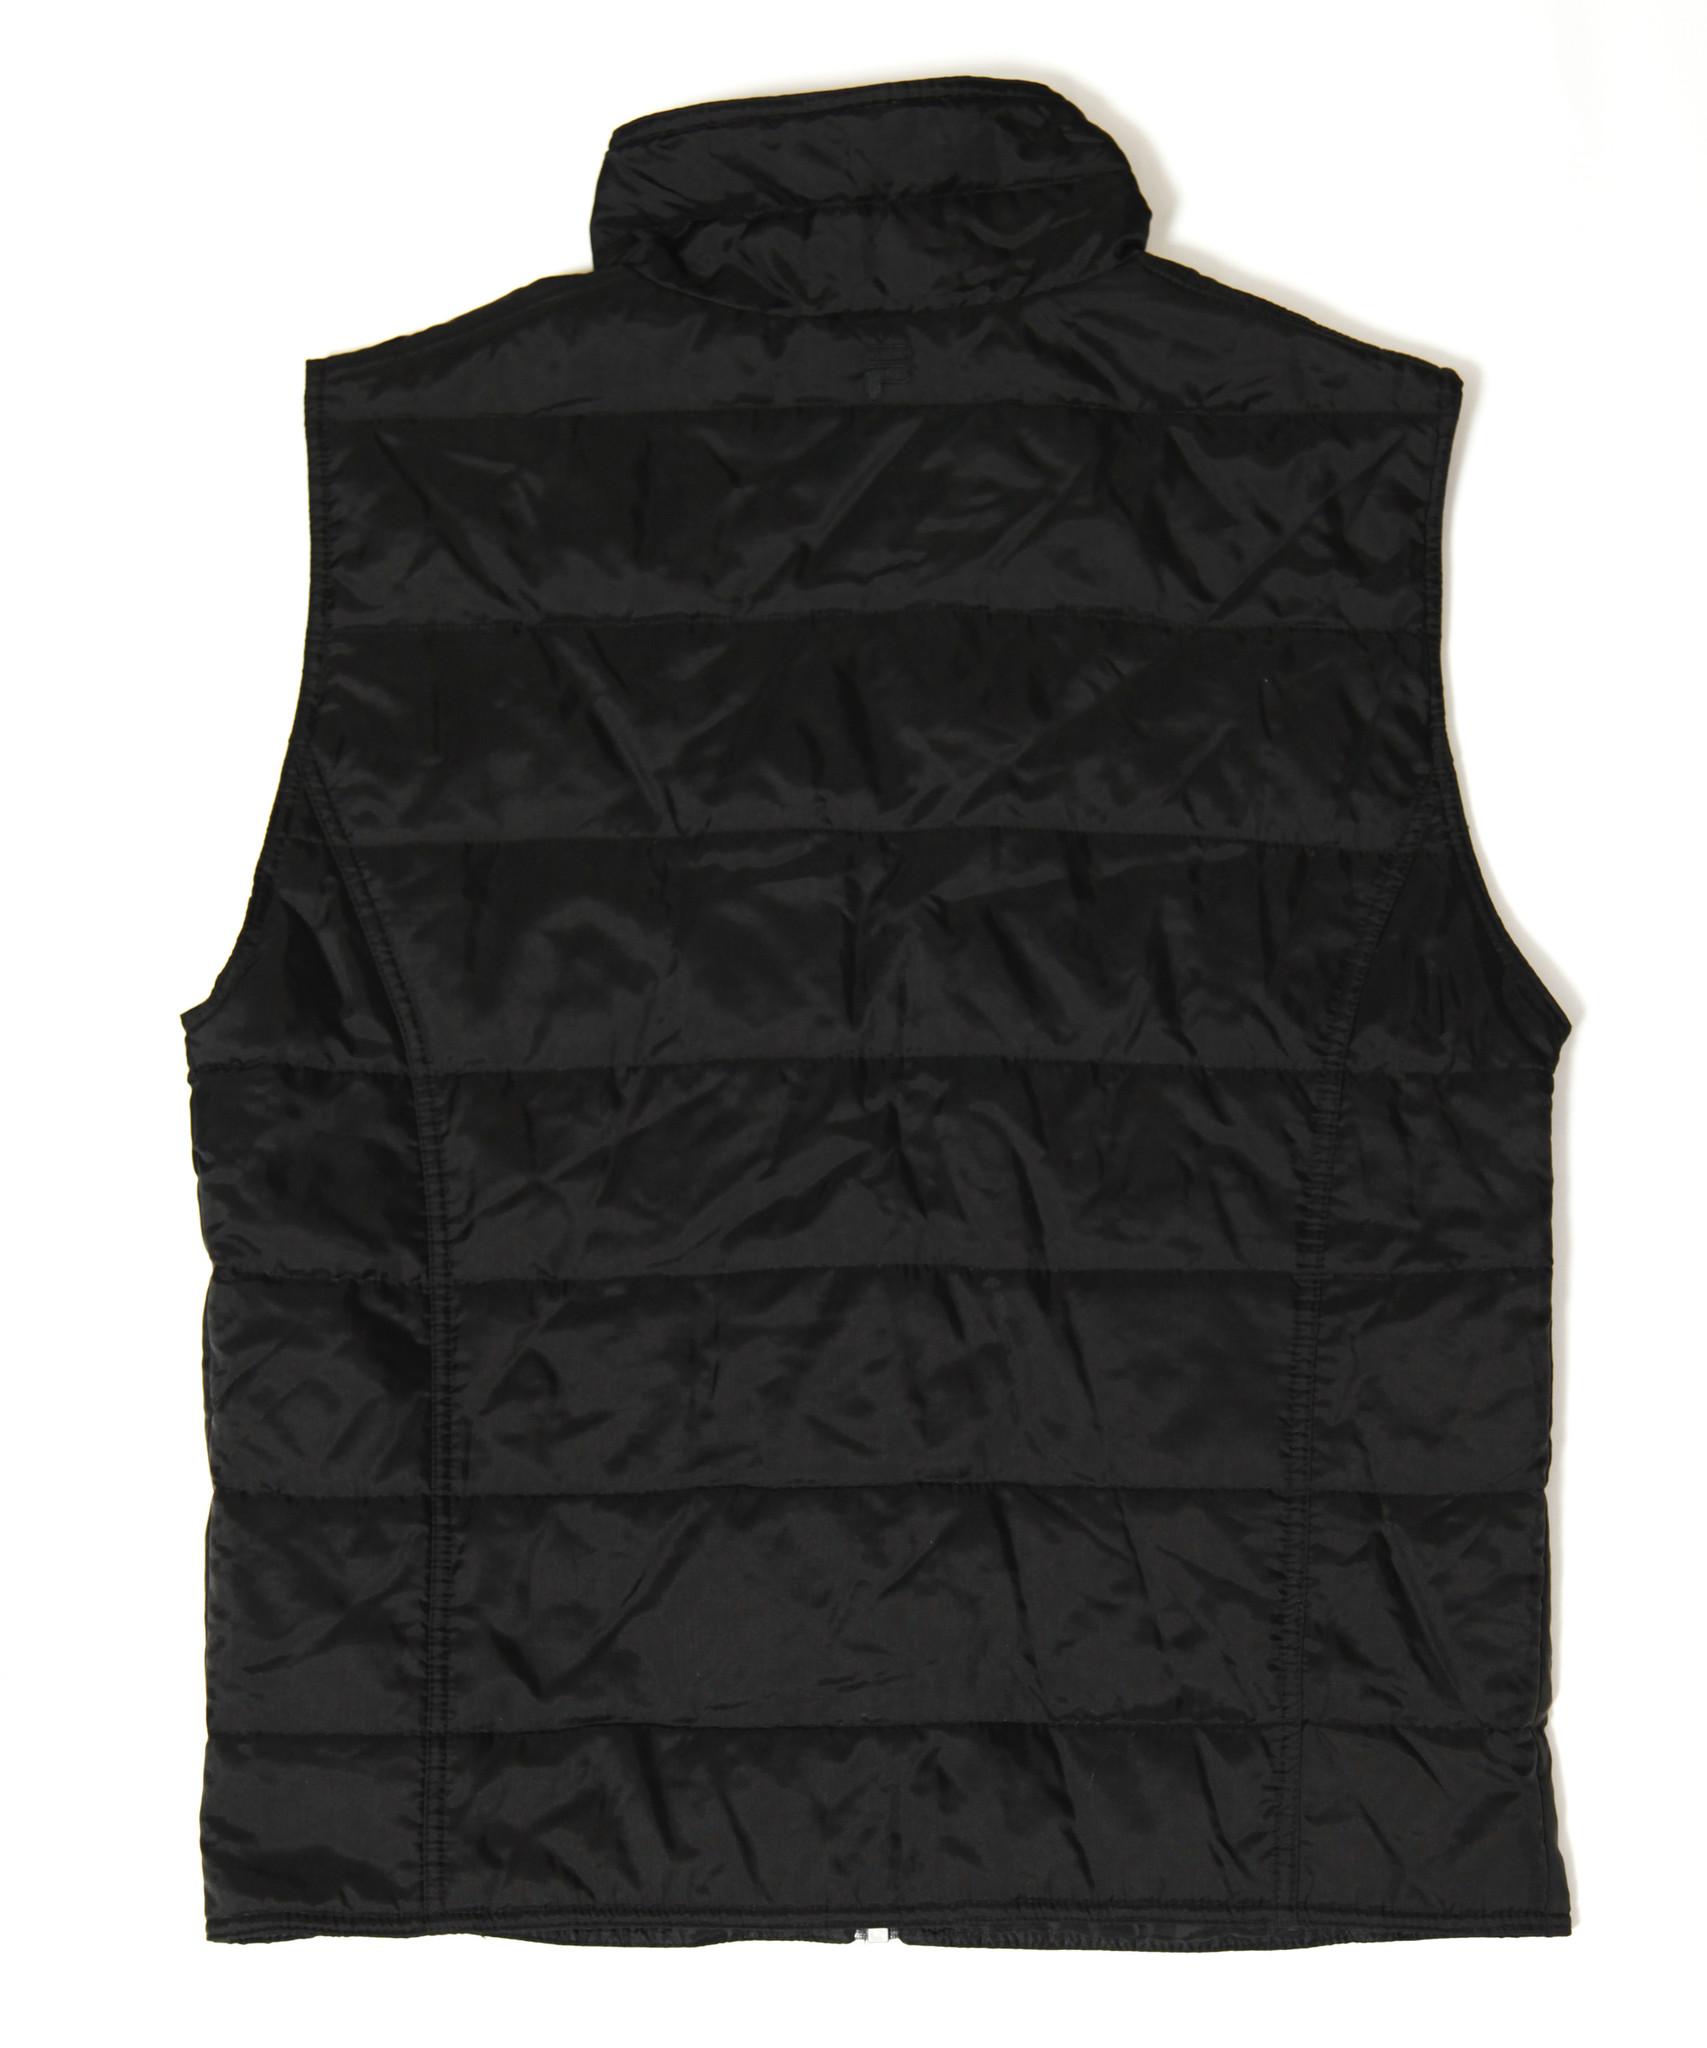 Black 90s Fila bodywarmer